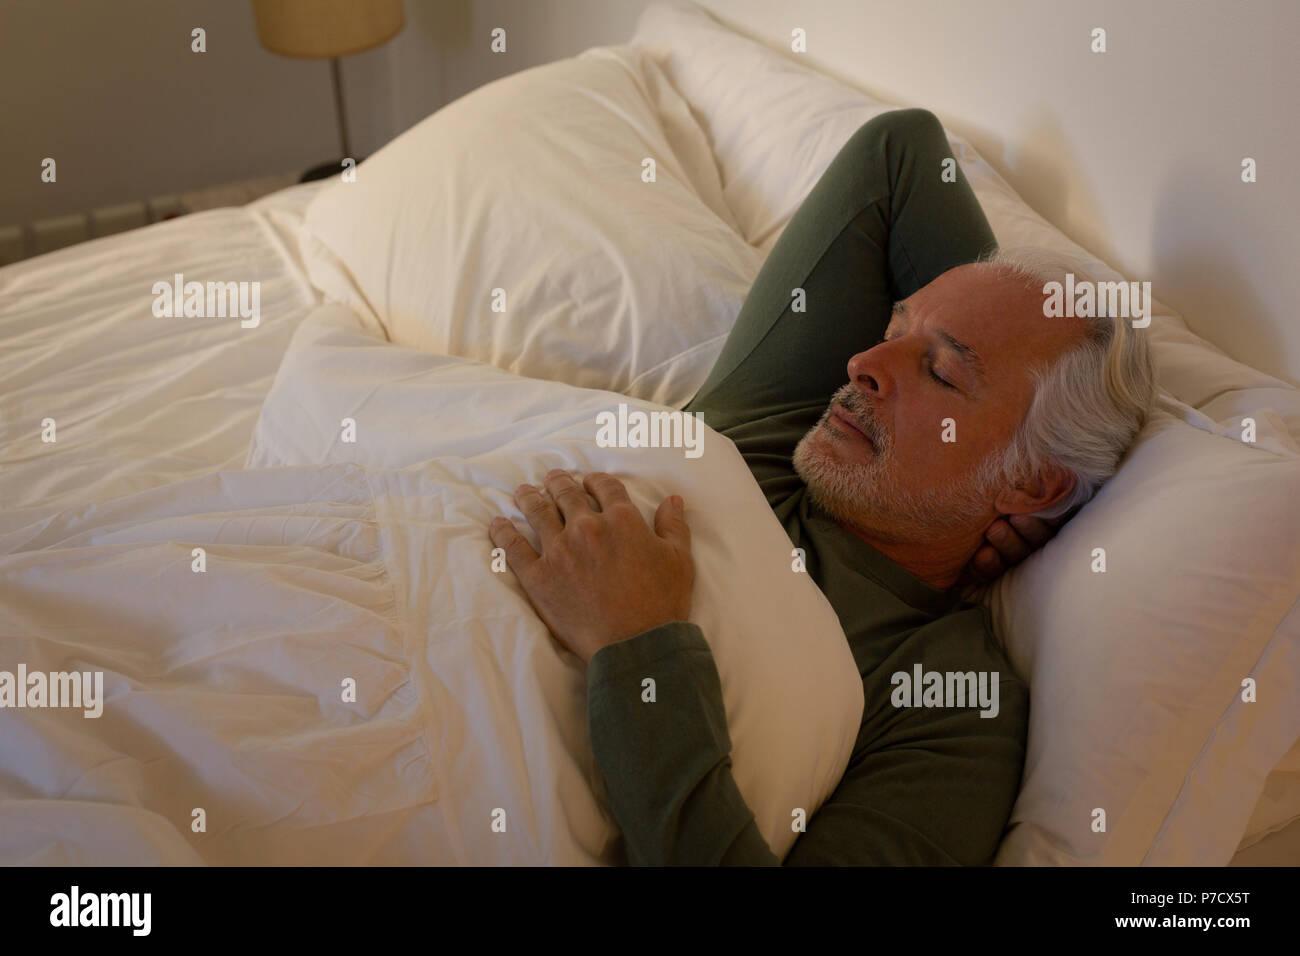 Senior uomo dorme in camera da letto Immagini Stock